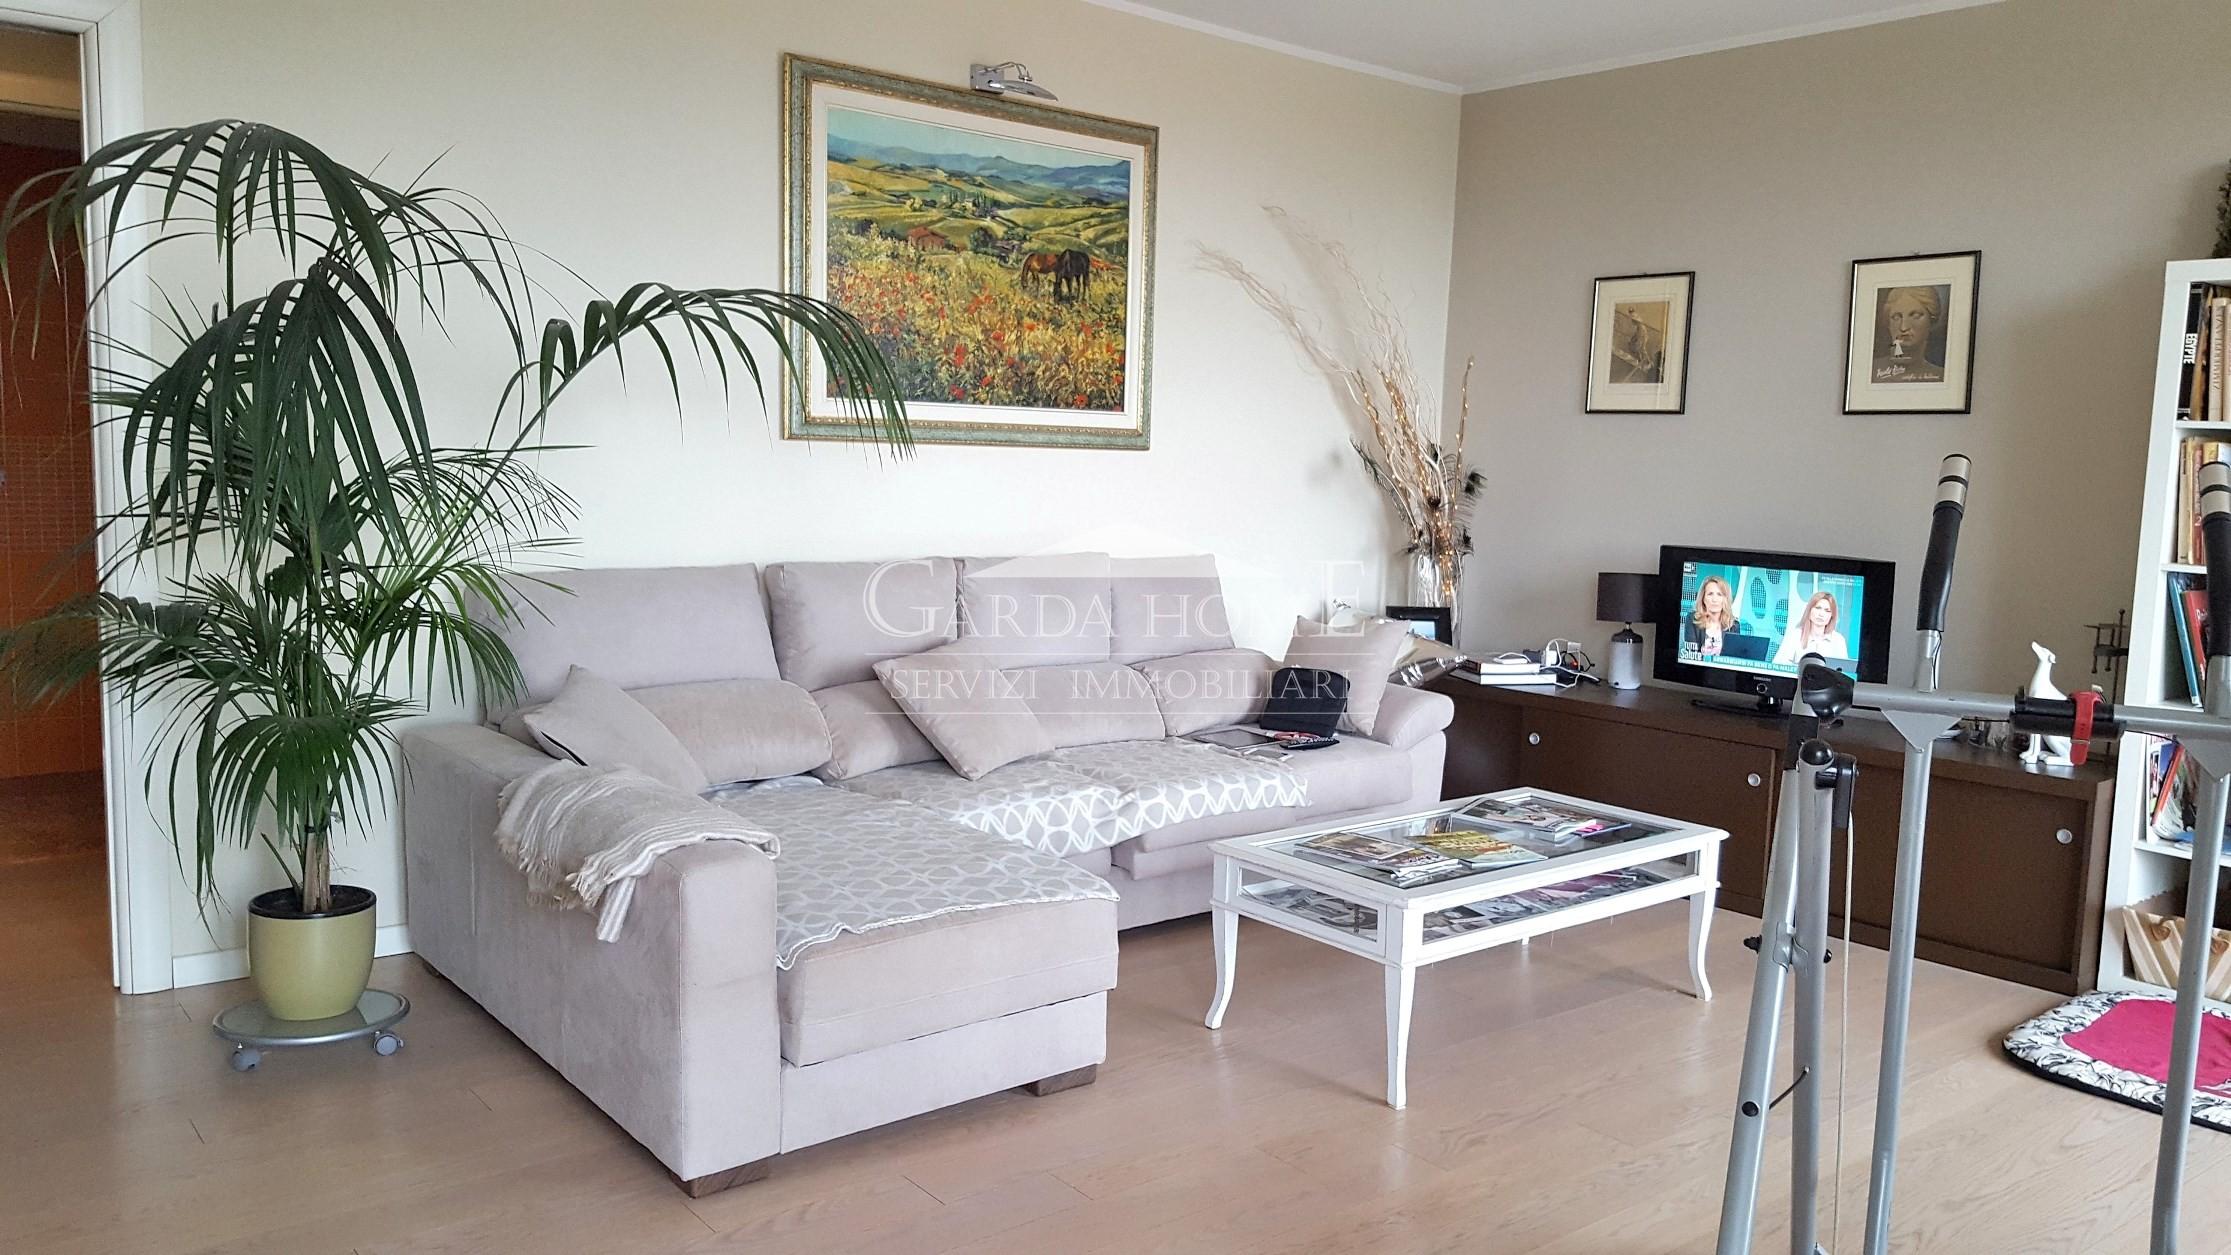 Appartamento ristrutturato in vendita Rif. 10005833